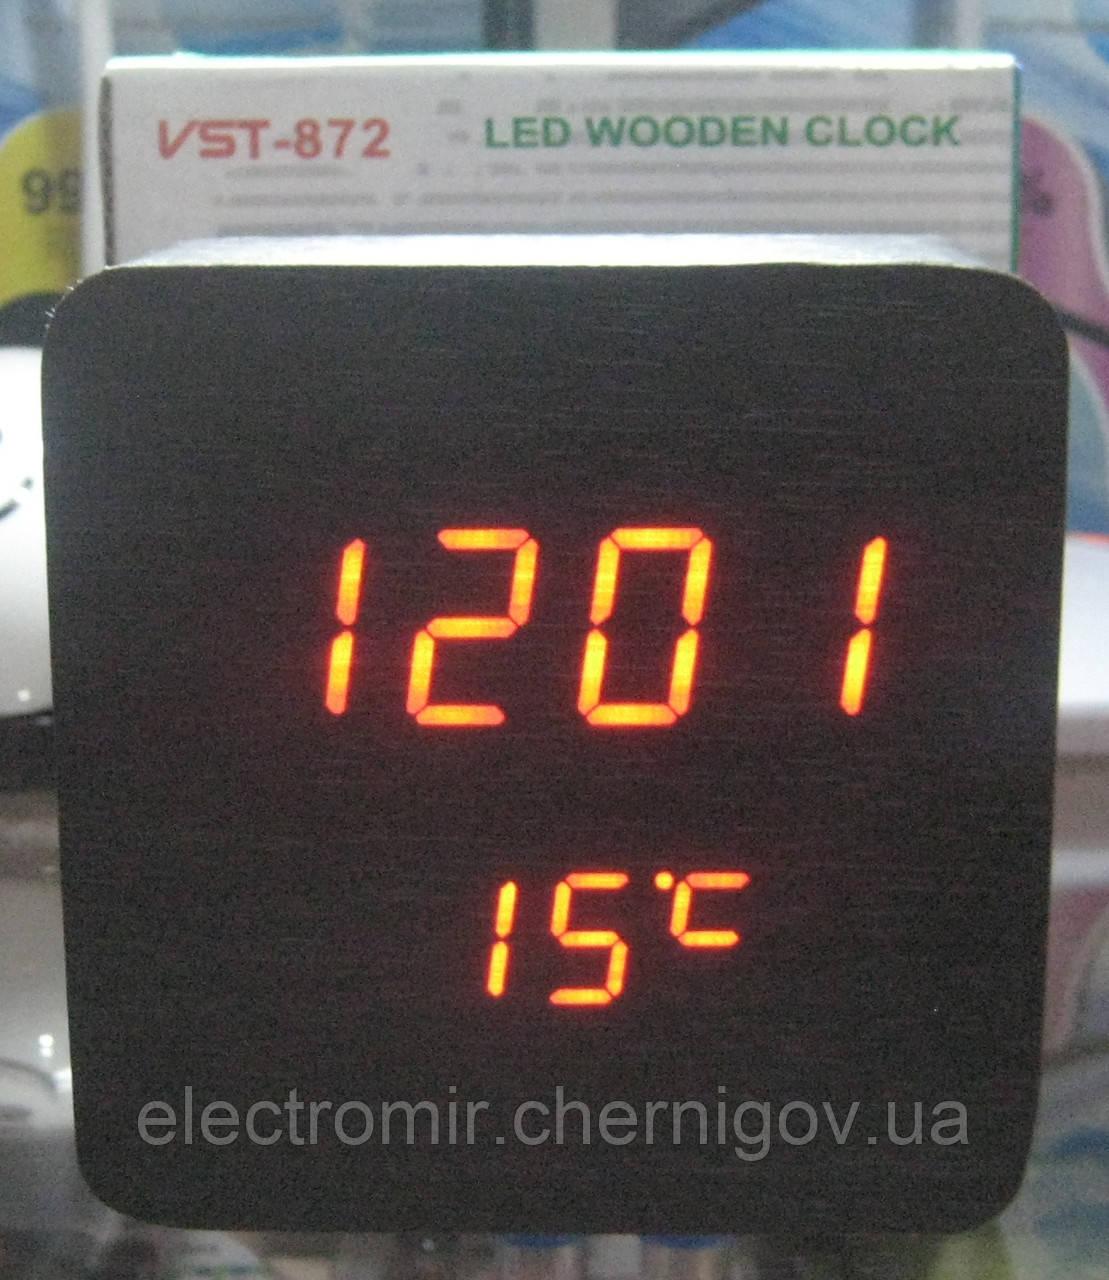 Часы электронные VST-872 (красная подсветка, дата, температура)